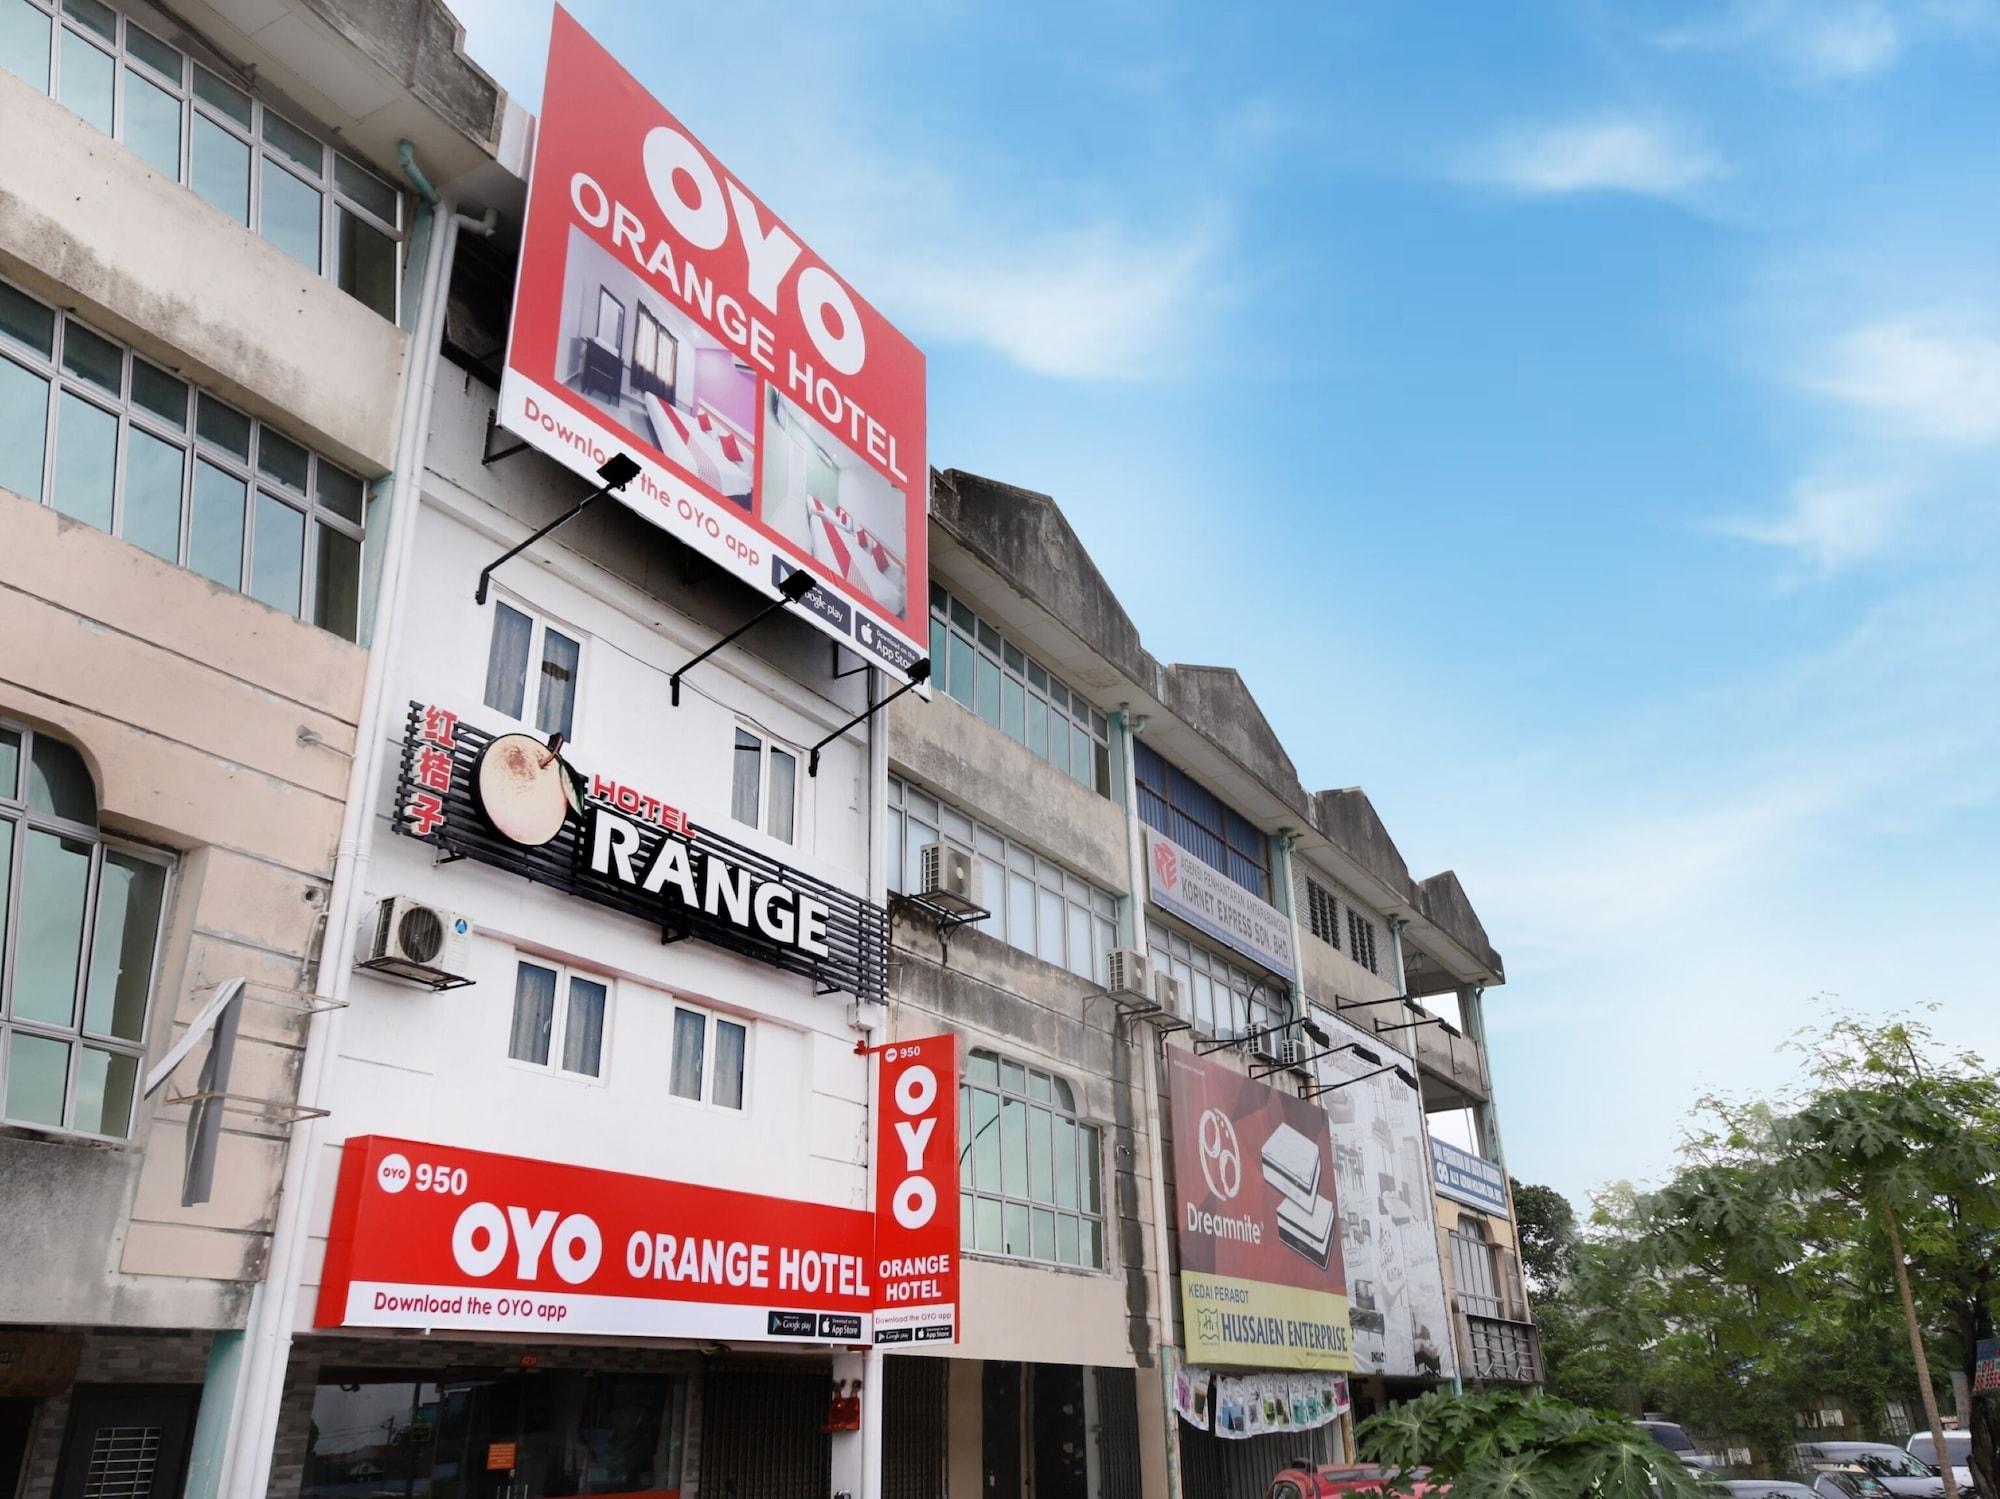 OYO 950 Orange Hotel, Klang